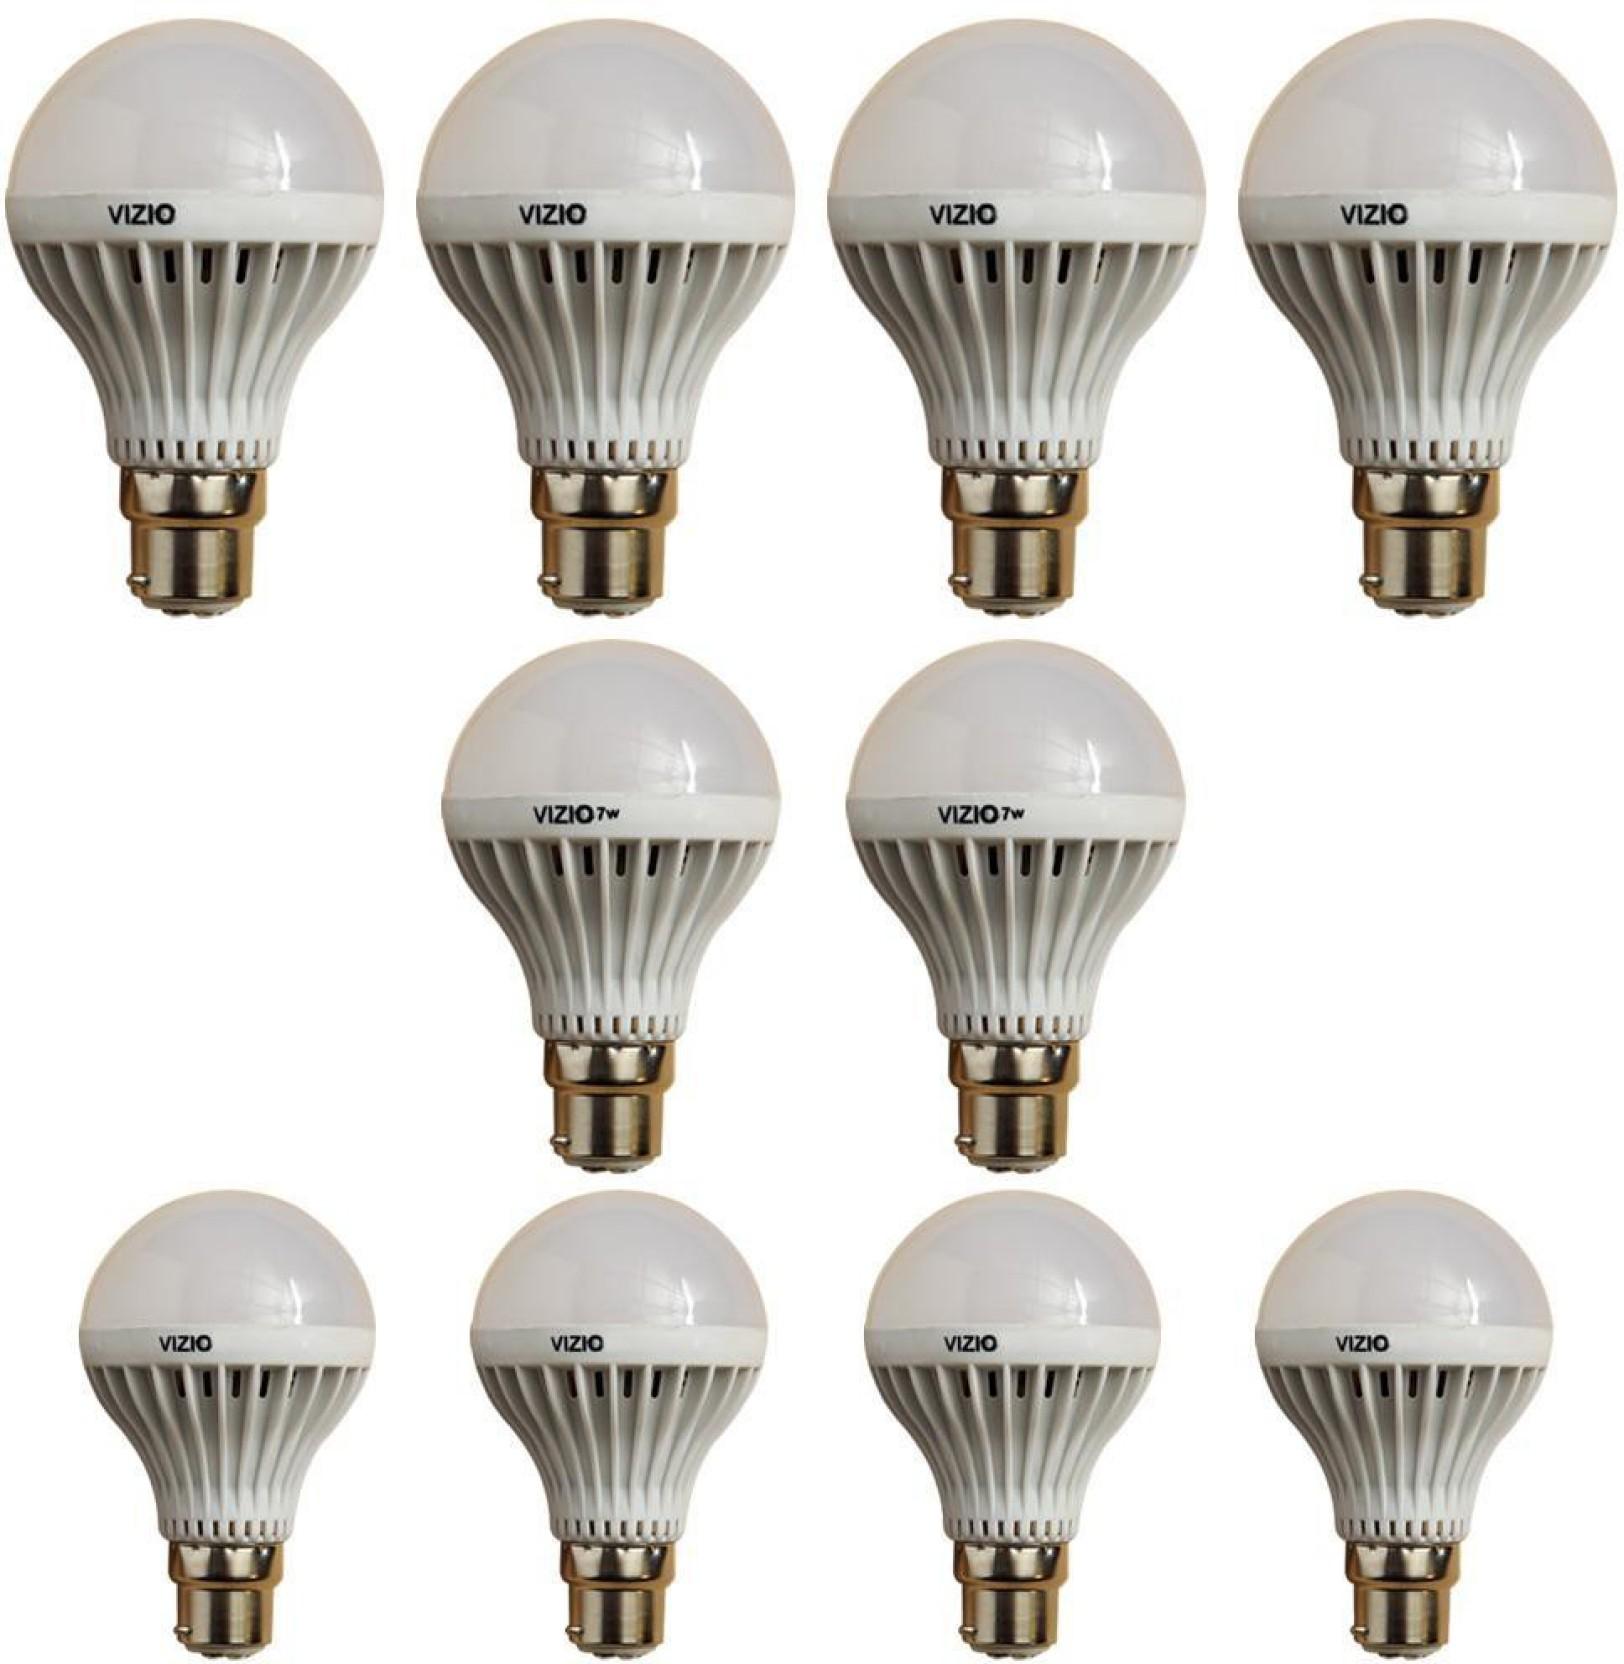 Vizio 5 W Standard B22 Led Bulb Price In India Buy Vizio